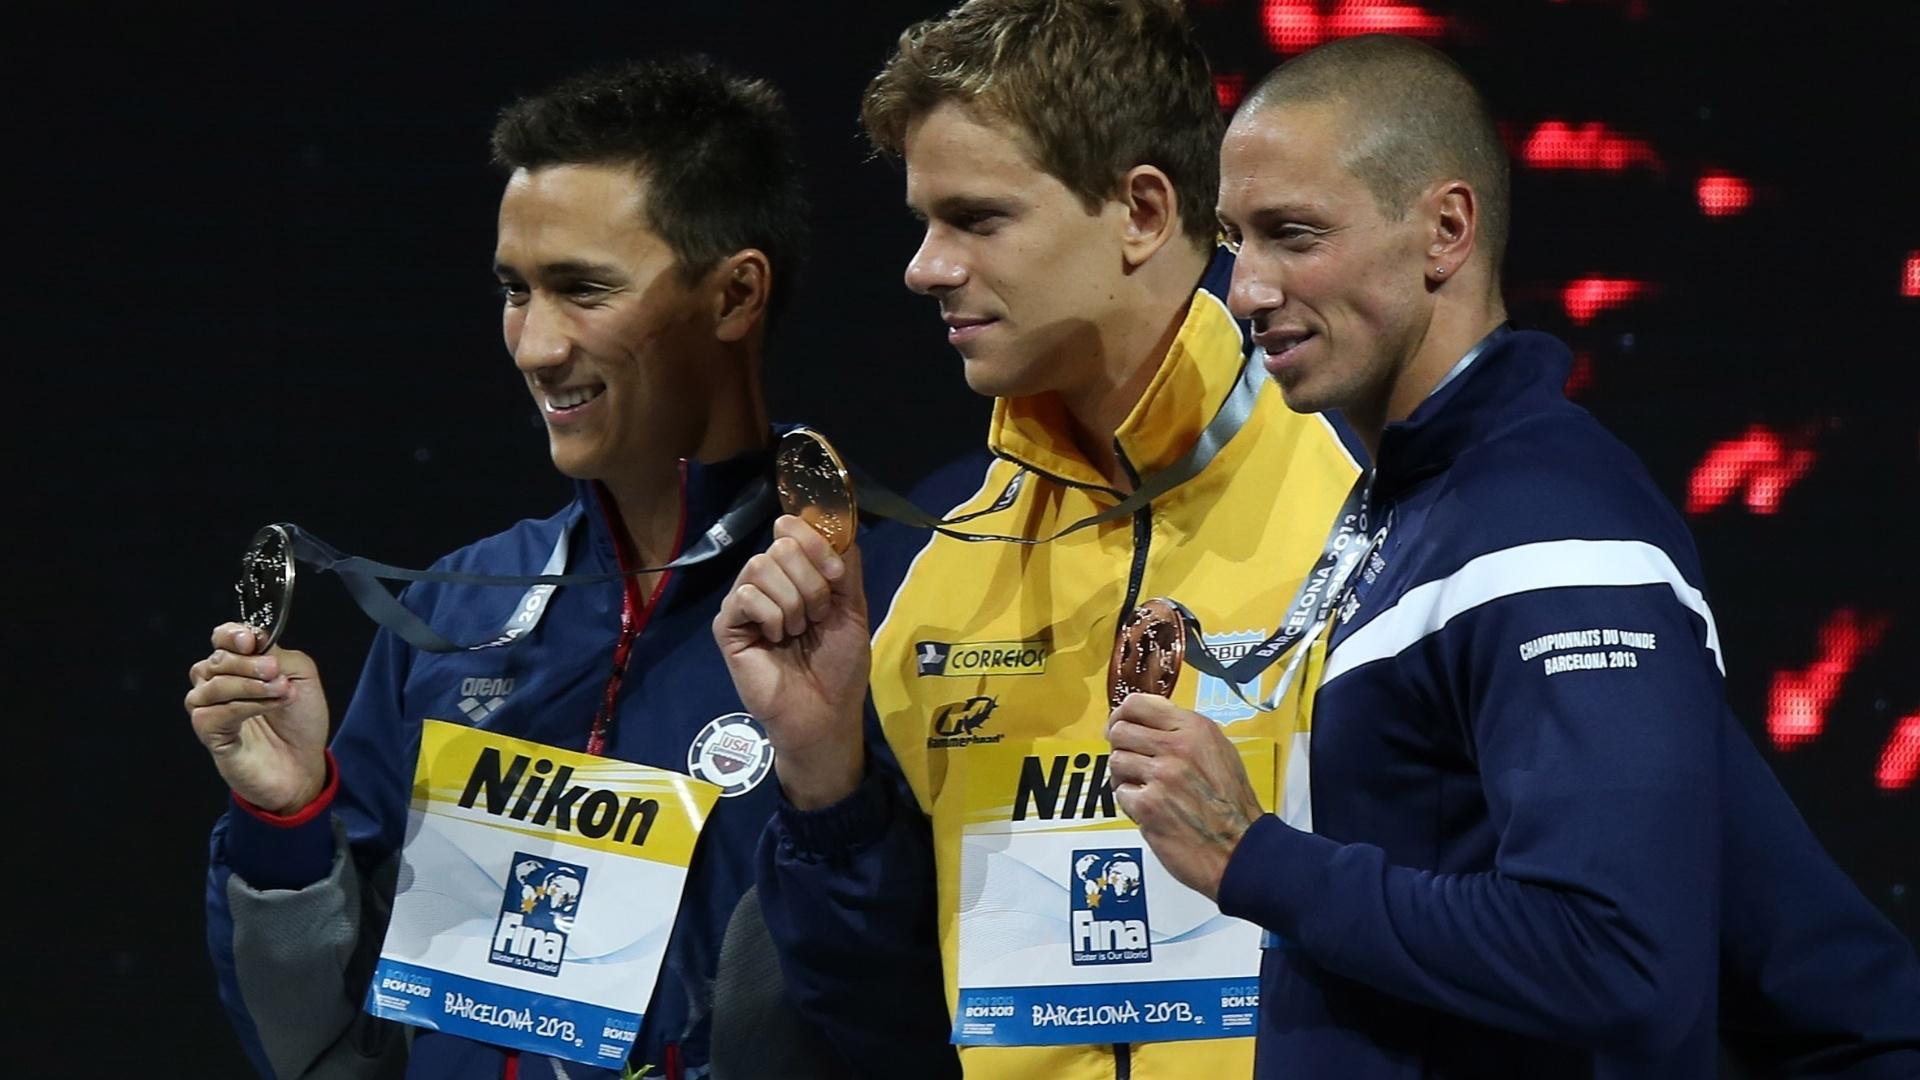 29.jul.2013 - Cesar Cielo posa com medalha de ouro nos 50 m borboleta ao lado do segundo colocado, o norte-americano Eugene Godsoe (e), e do francês Frederick Bousquet, que ficou com o bronze